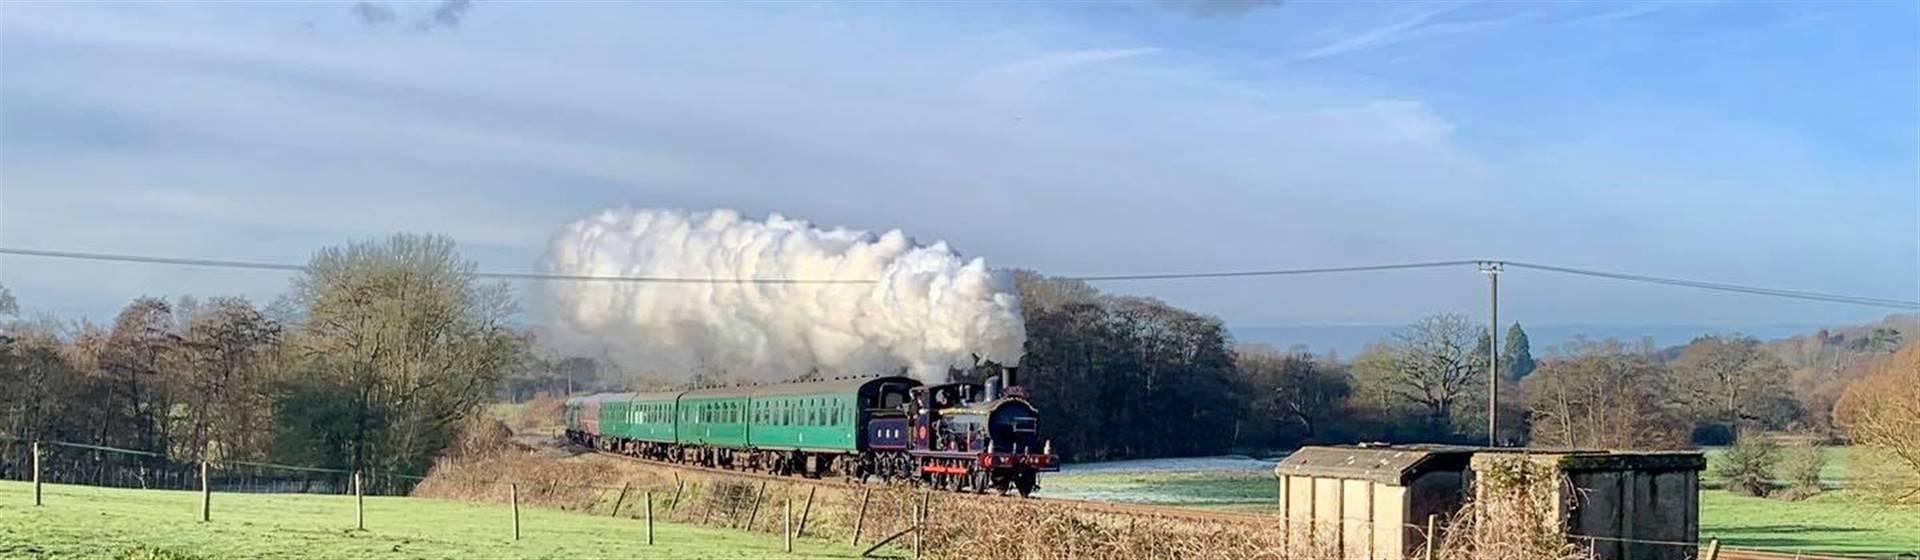 """<img src=""""spavalleyrailway.jpeg"""" alt=""""Spa Valley Railway"""">"""